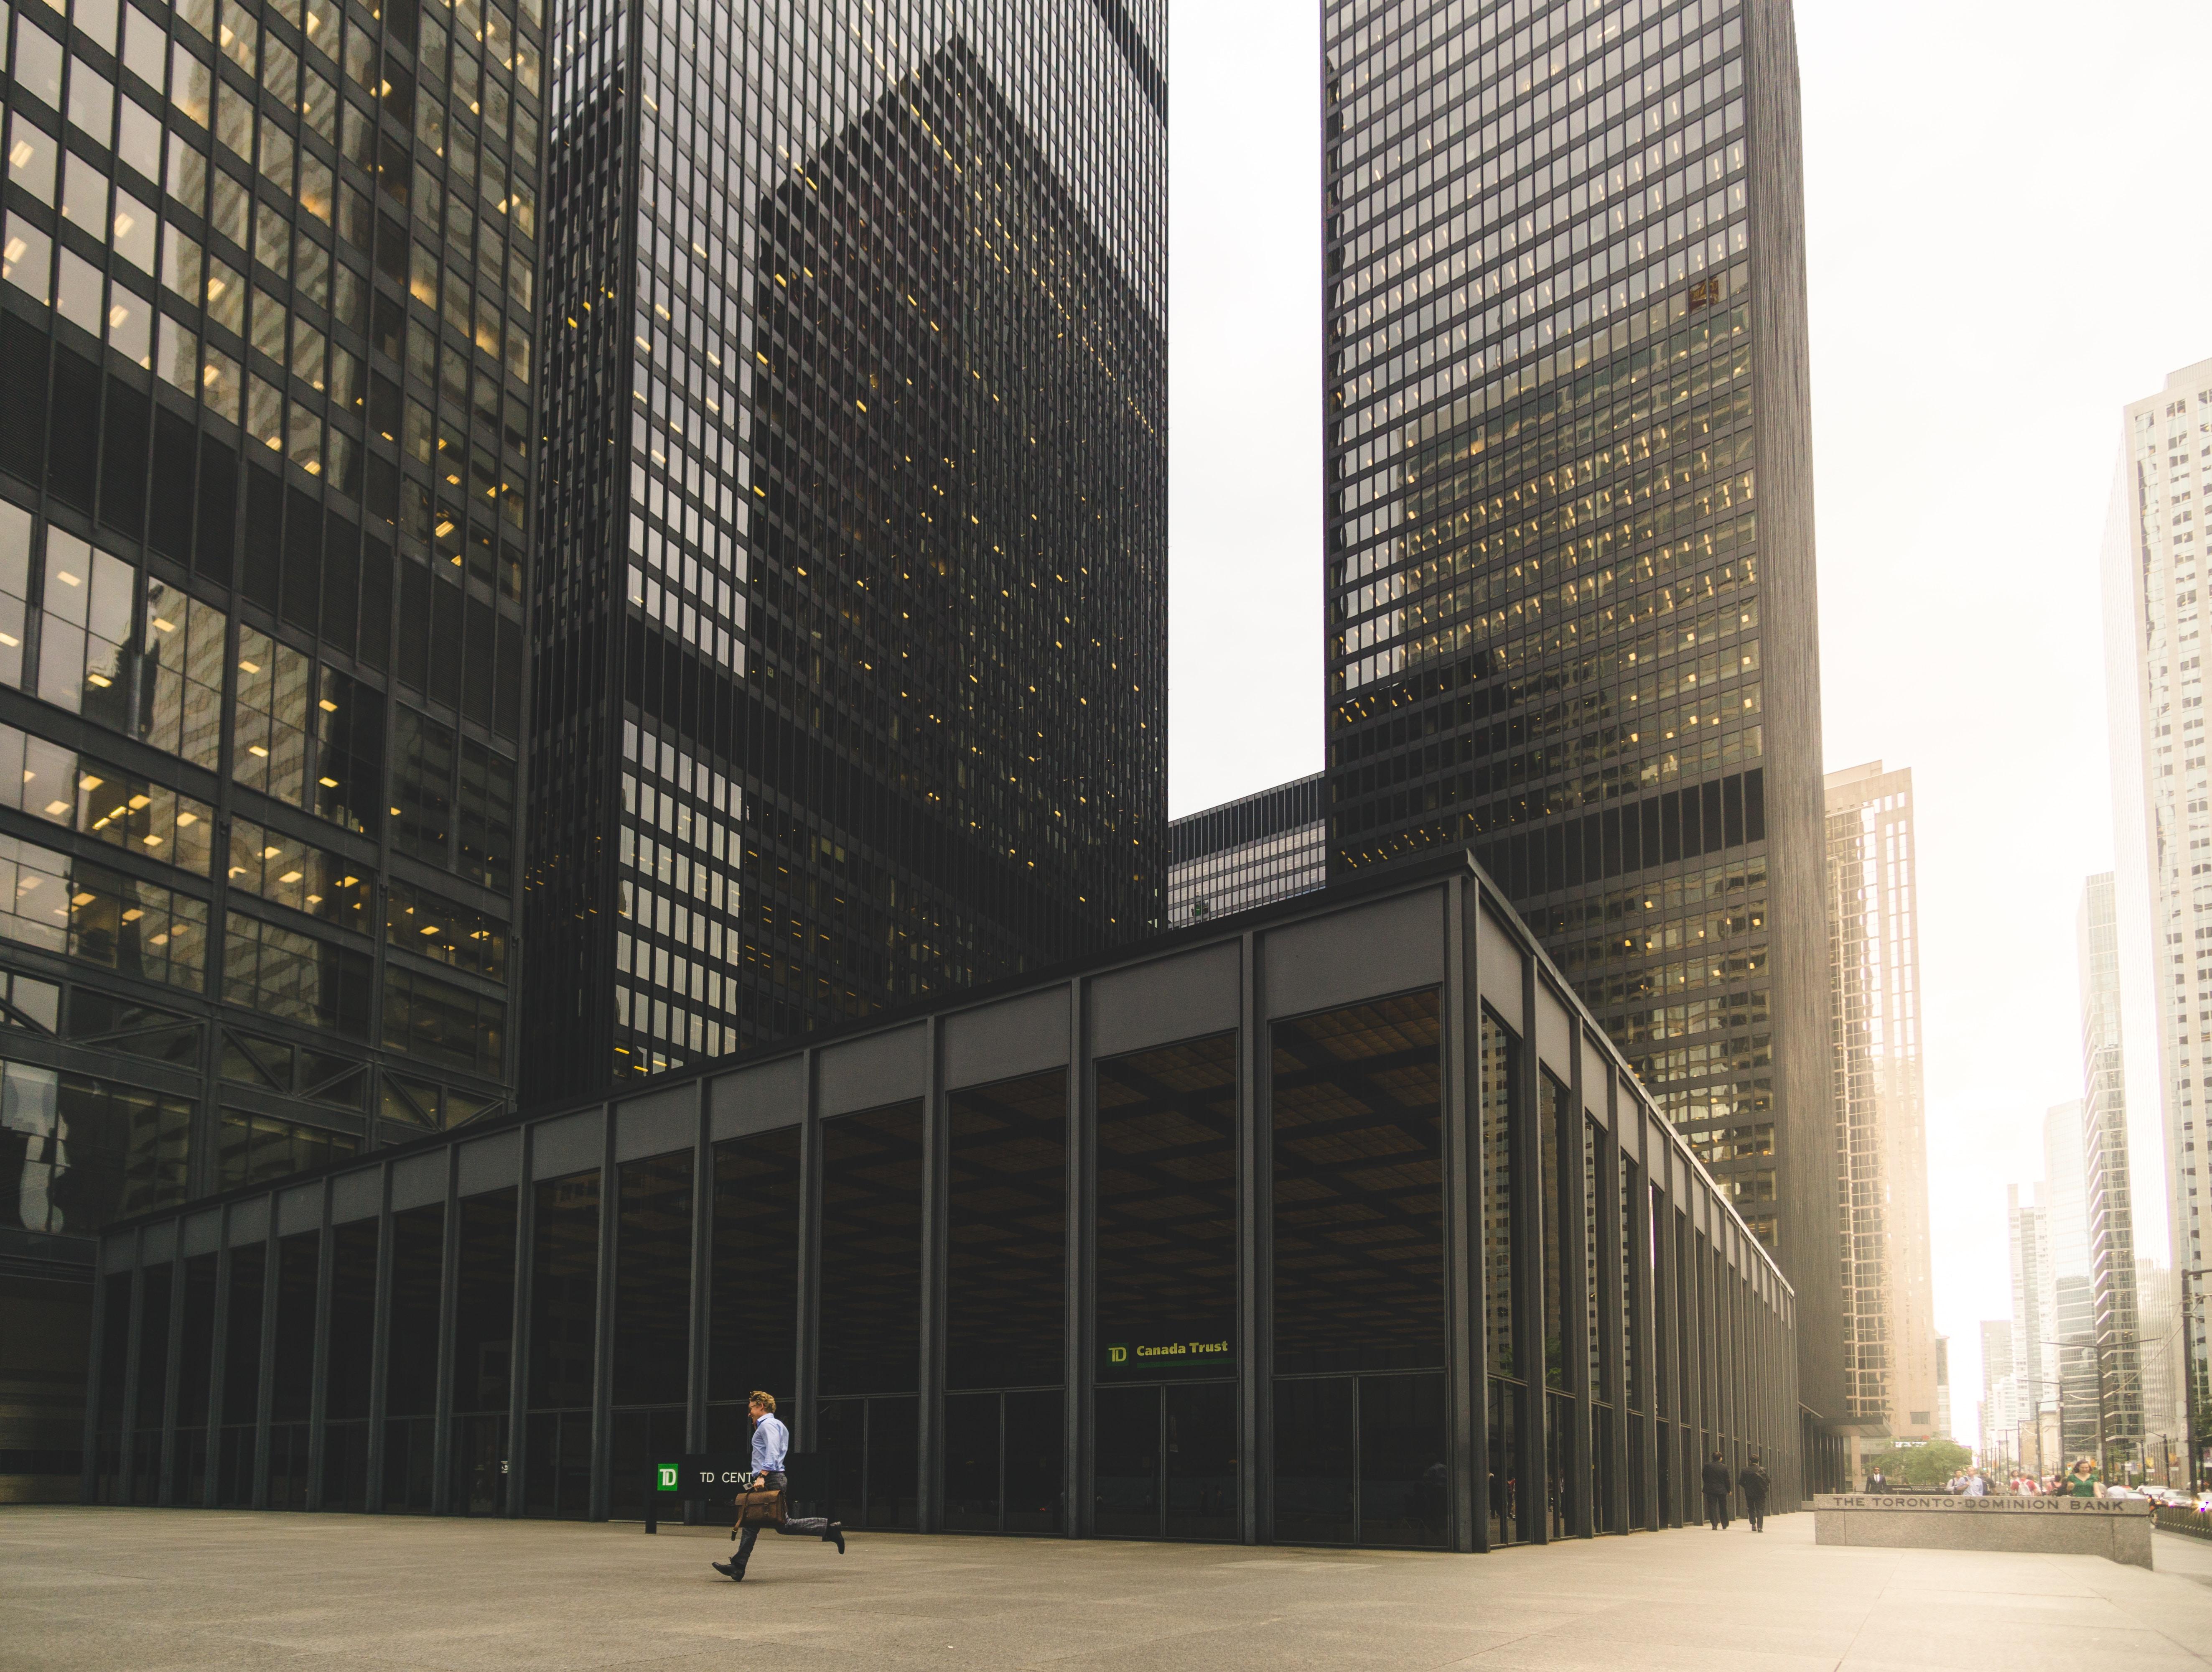 banken reserveren extra kapitaal mogelijk crisis